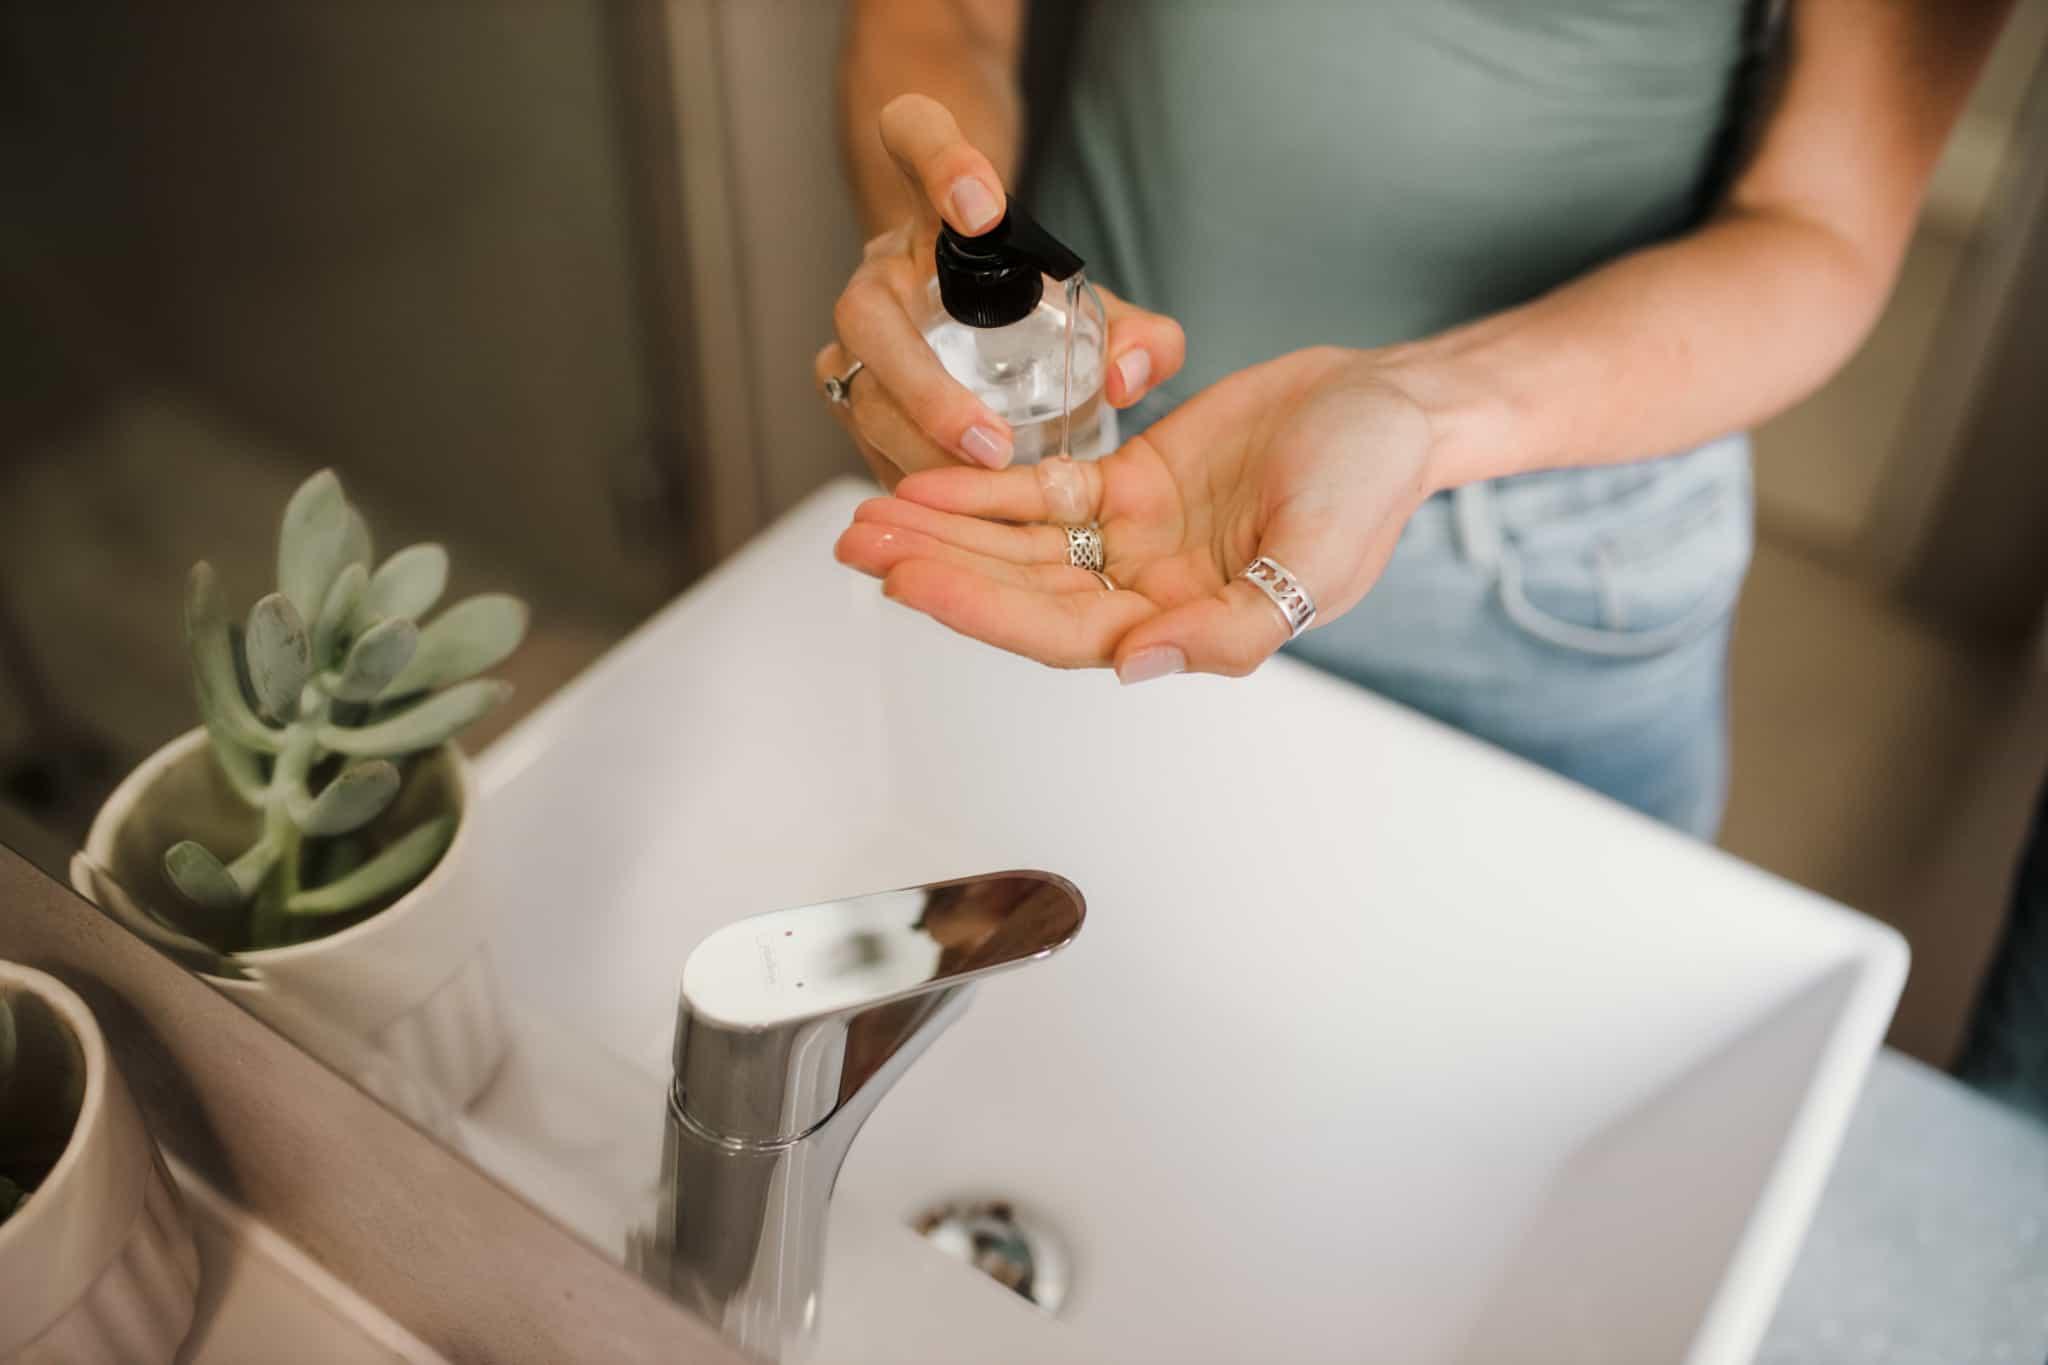 mulher a lavar as mãos com o gel desinfetante